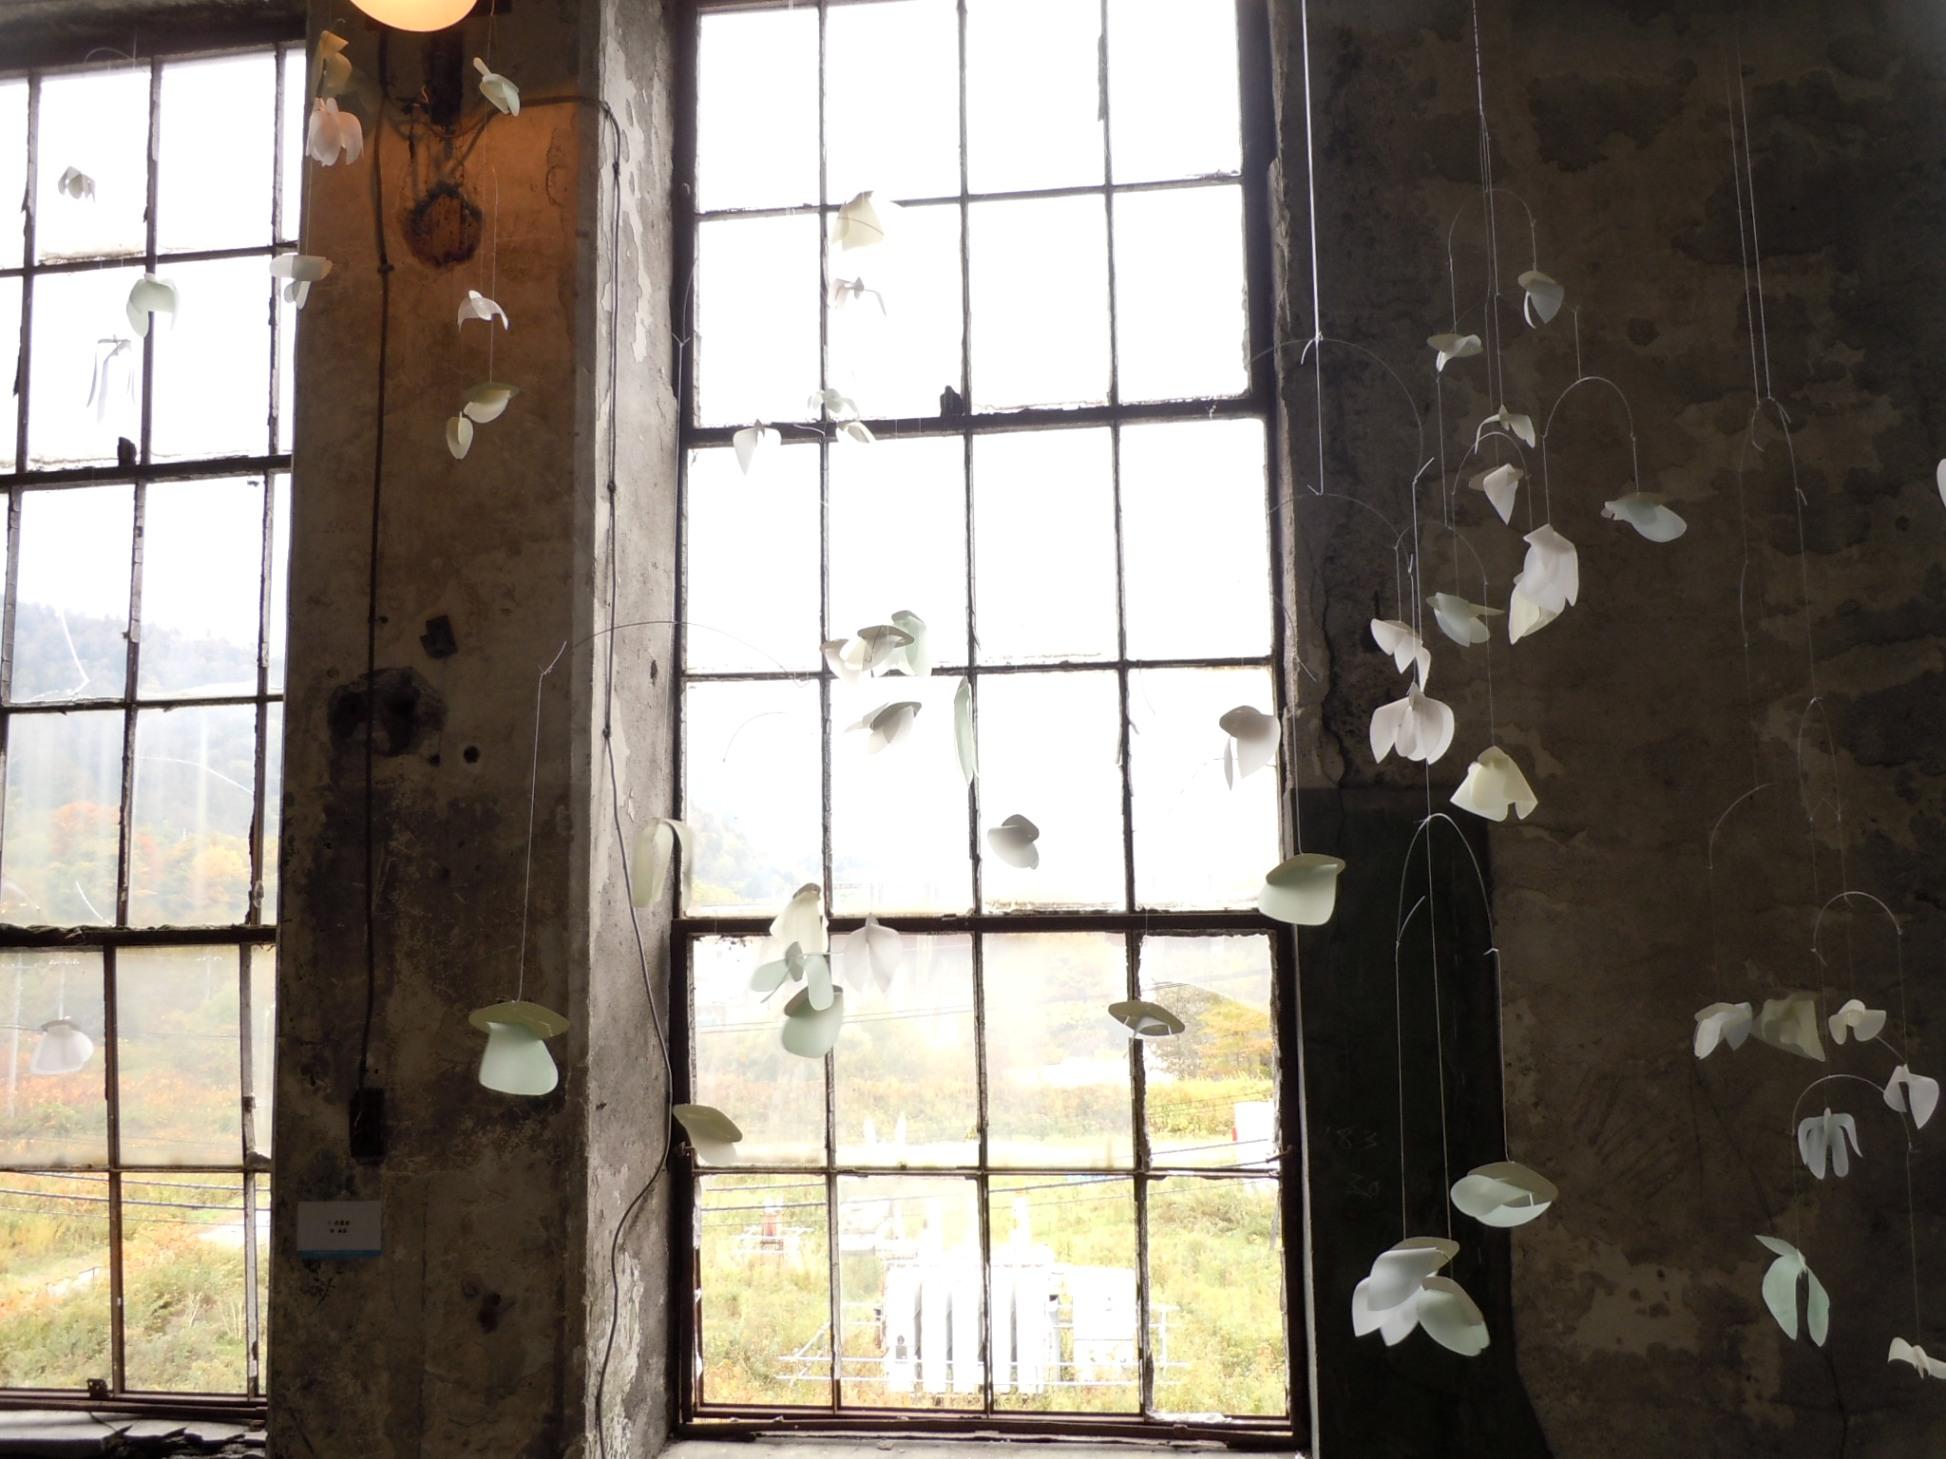 1600)夕張 ③「夕張清水沢アートプロジェクト 旧火力発電所2階の様子」 終了9月17日(土)~10月16日(日)_f0126829_9424440.jpg